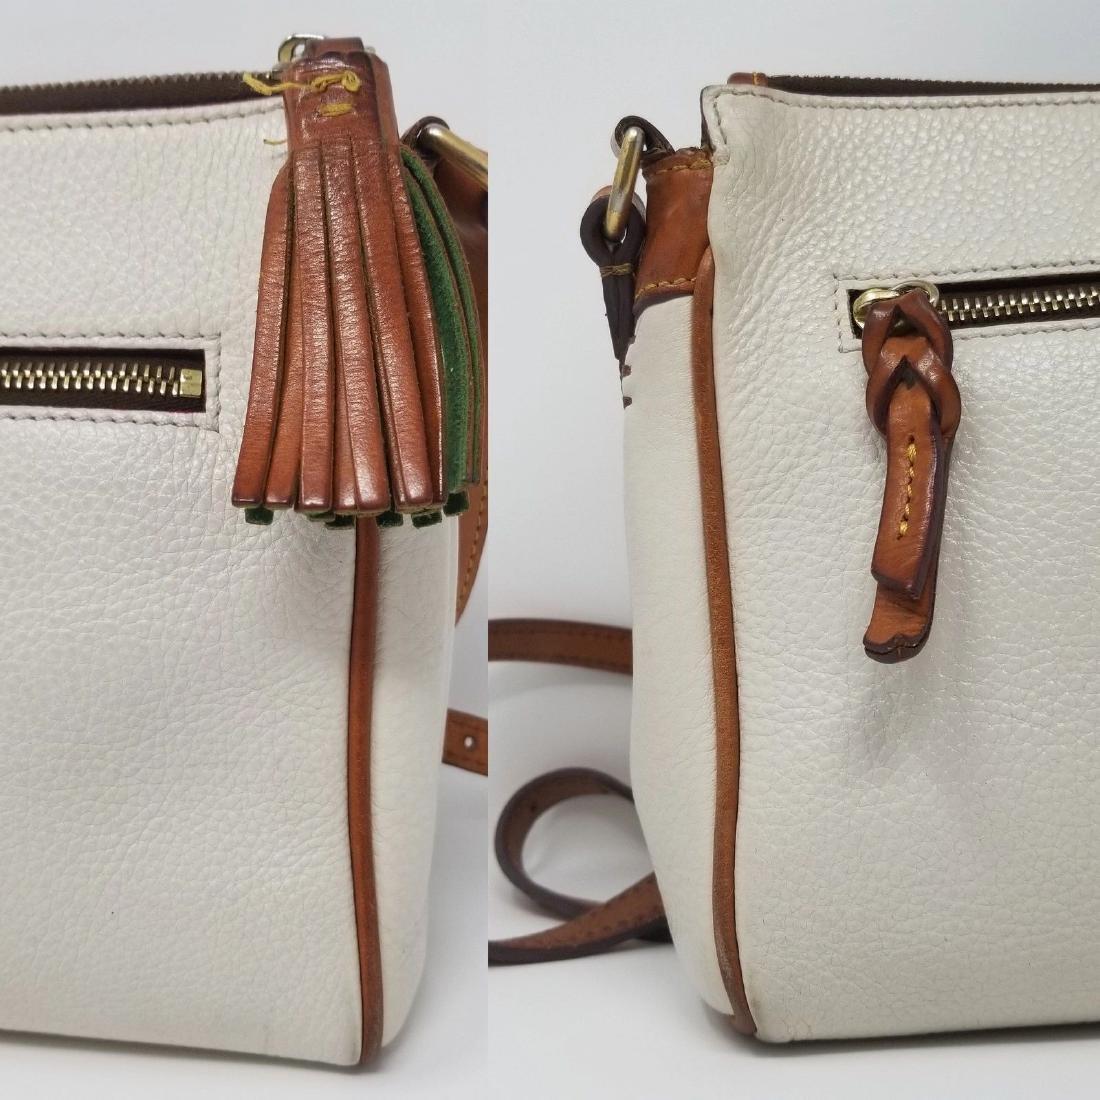 Dooney and Bourke Handbag Leather Vintage - 4